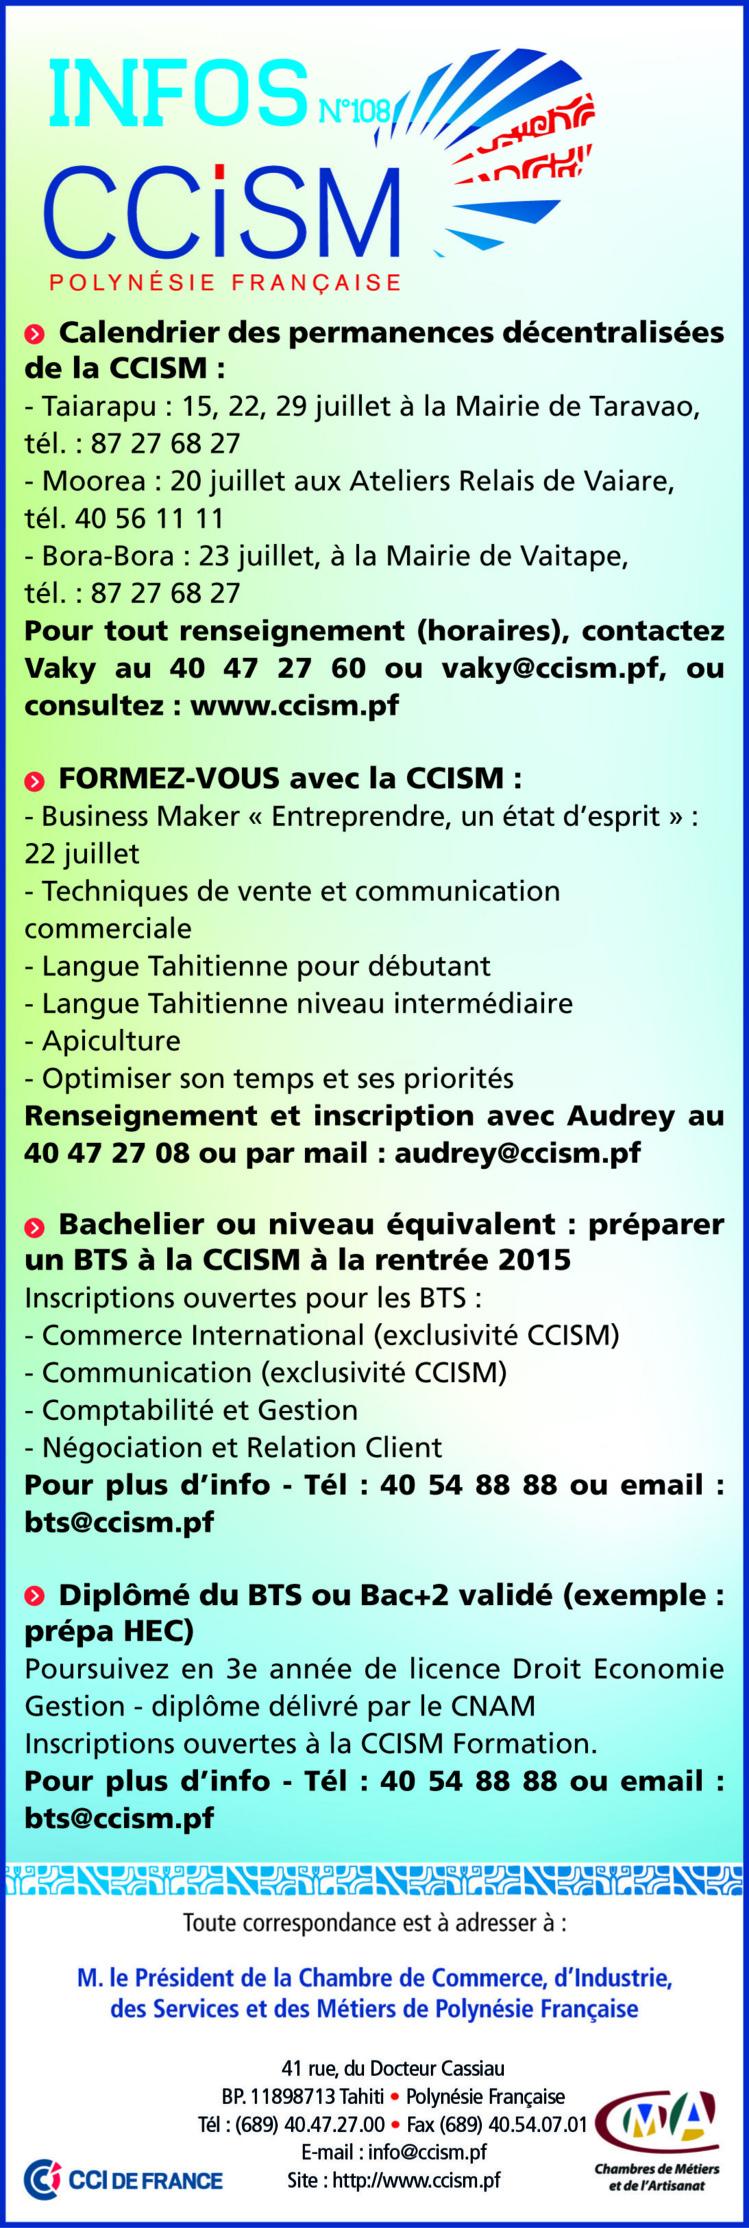 Infos CCISM N°108